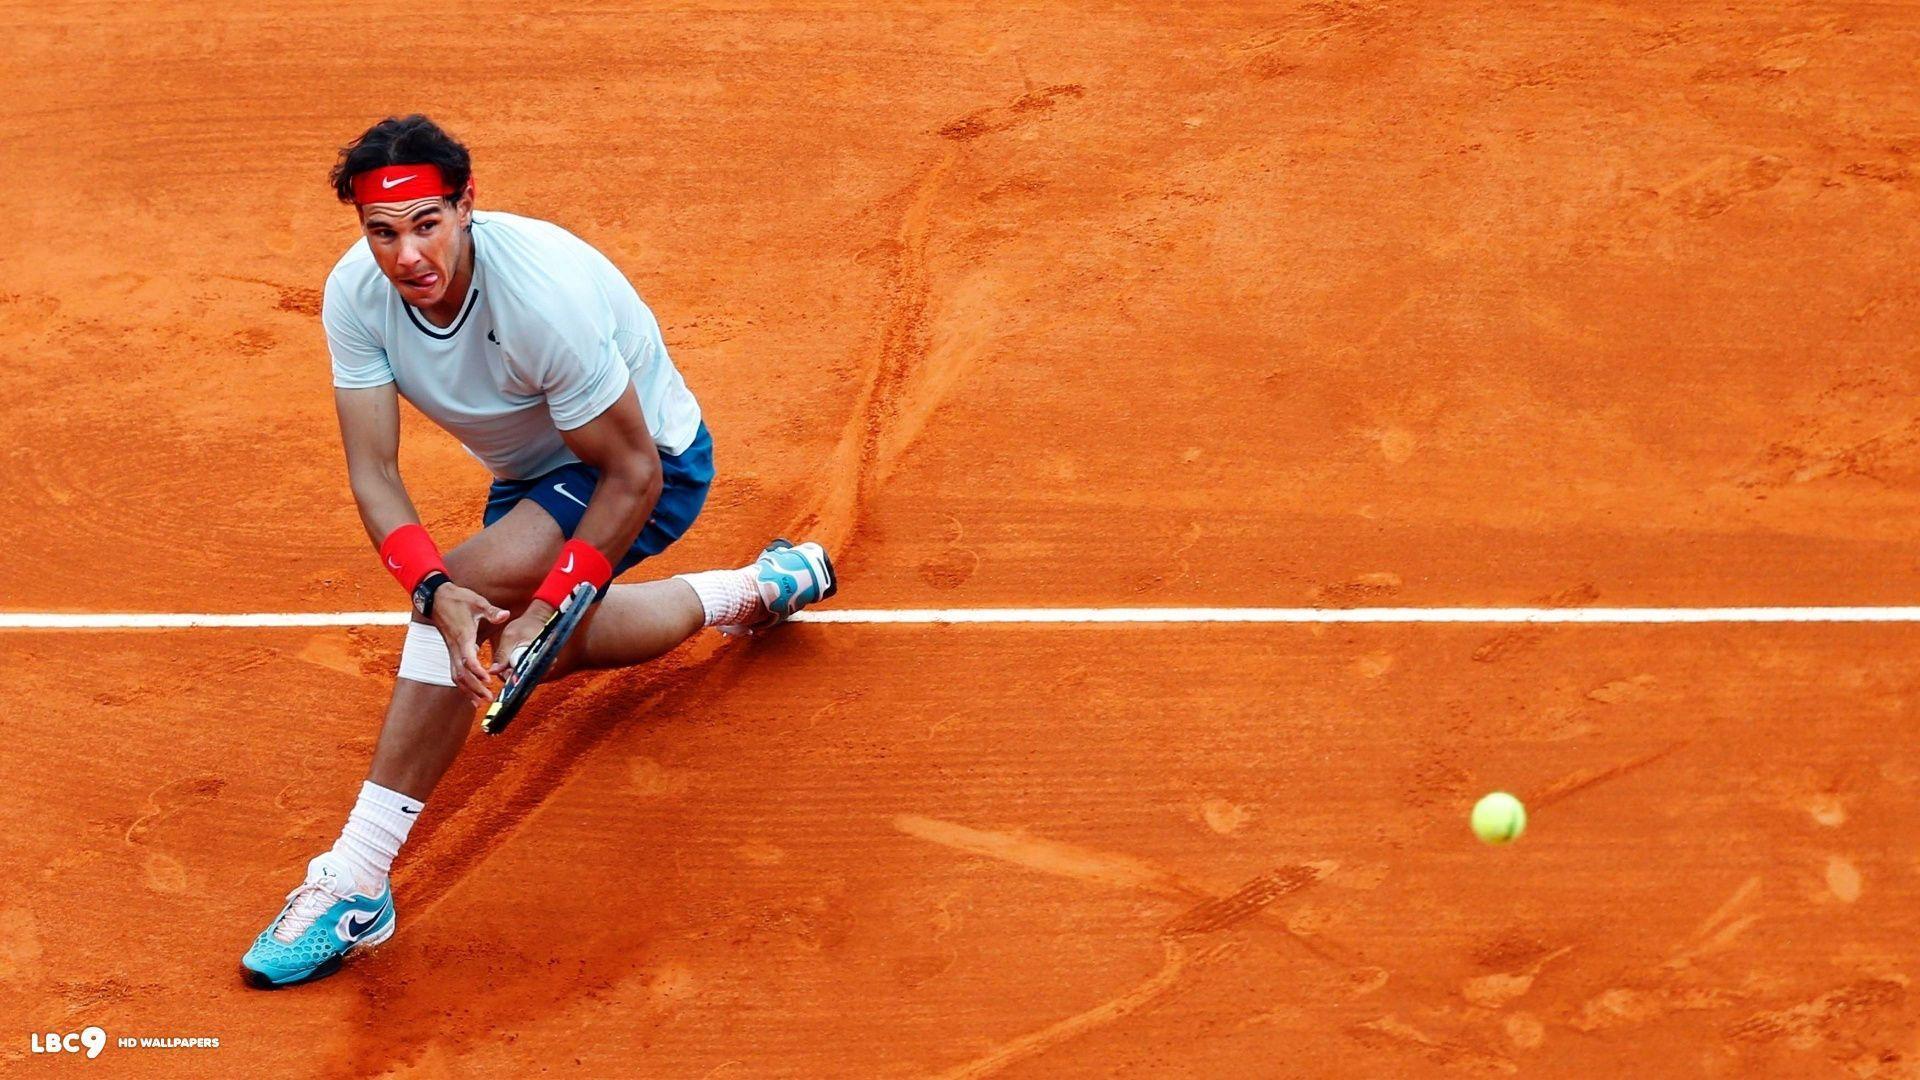 Nadal Hd: Nadal Wallpapers